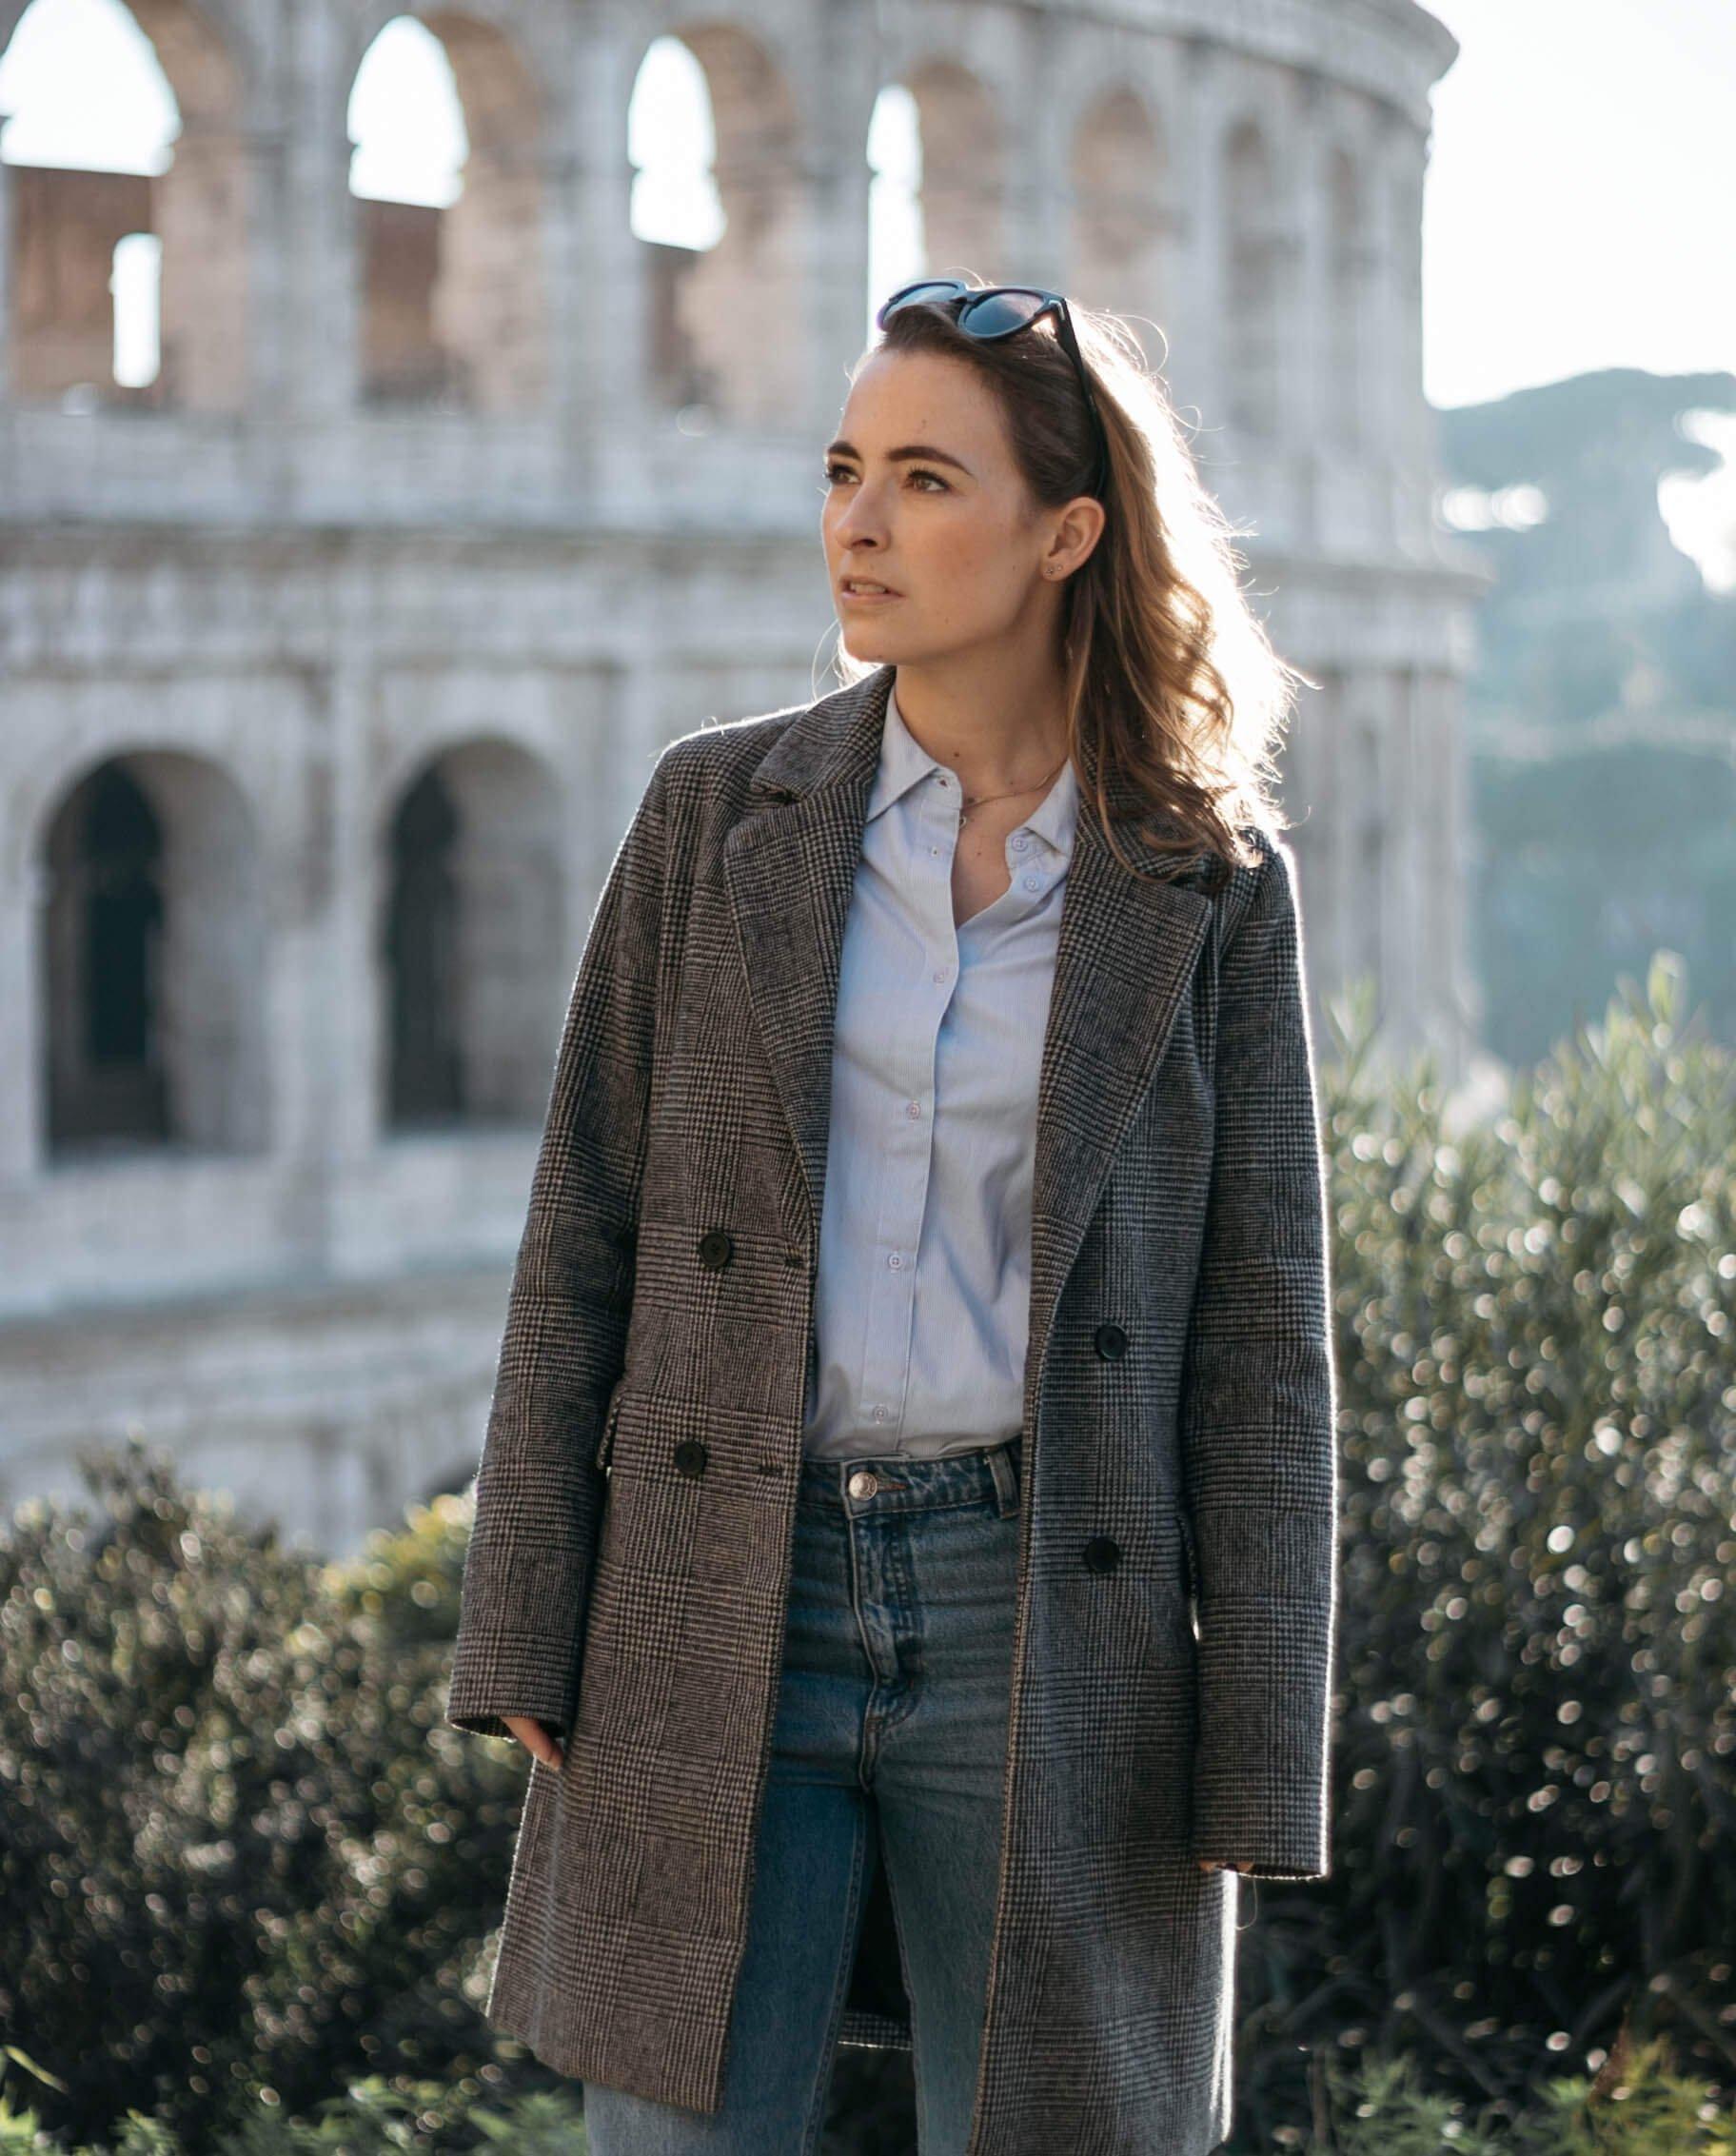 Mijn outfit bij het Colosseum in Rome